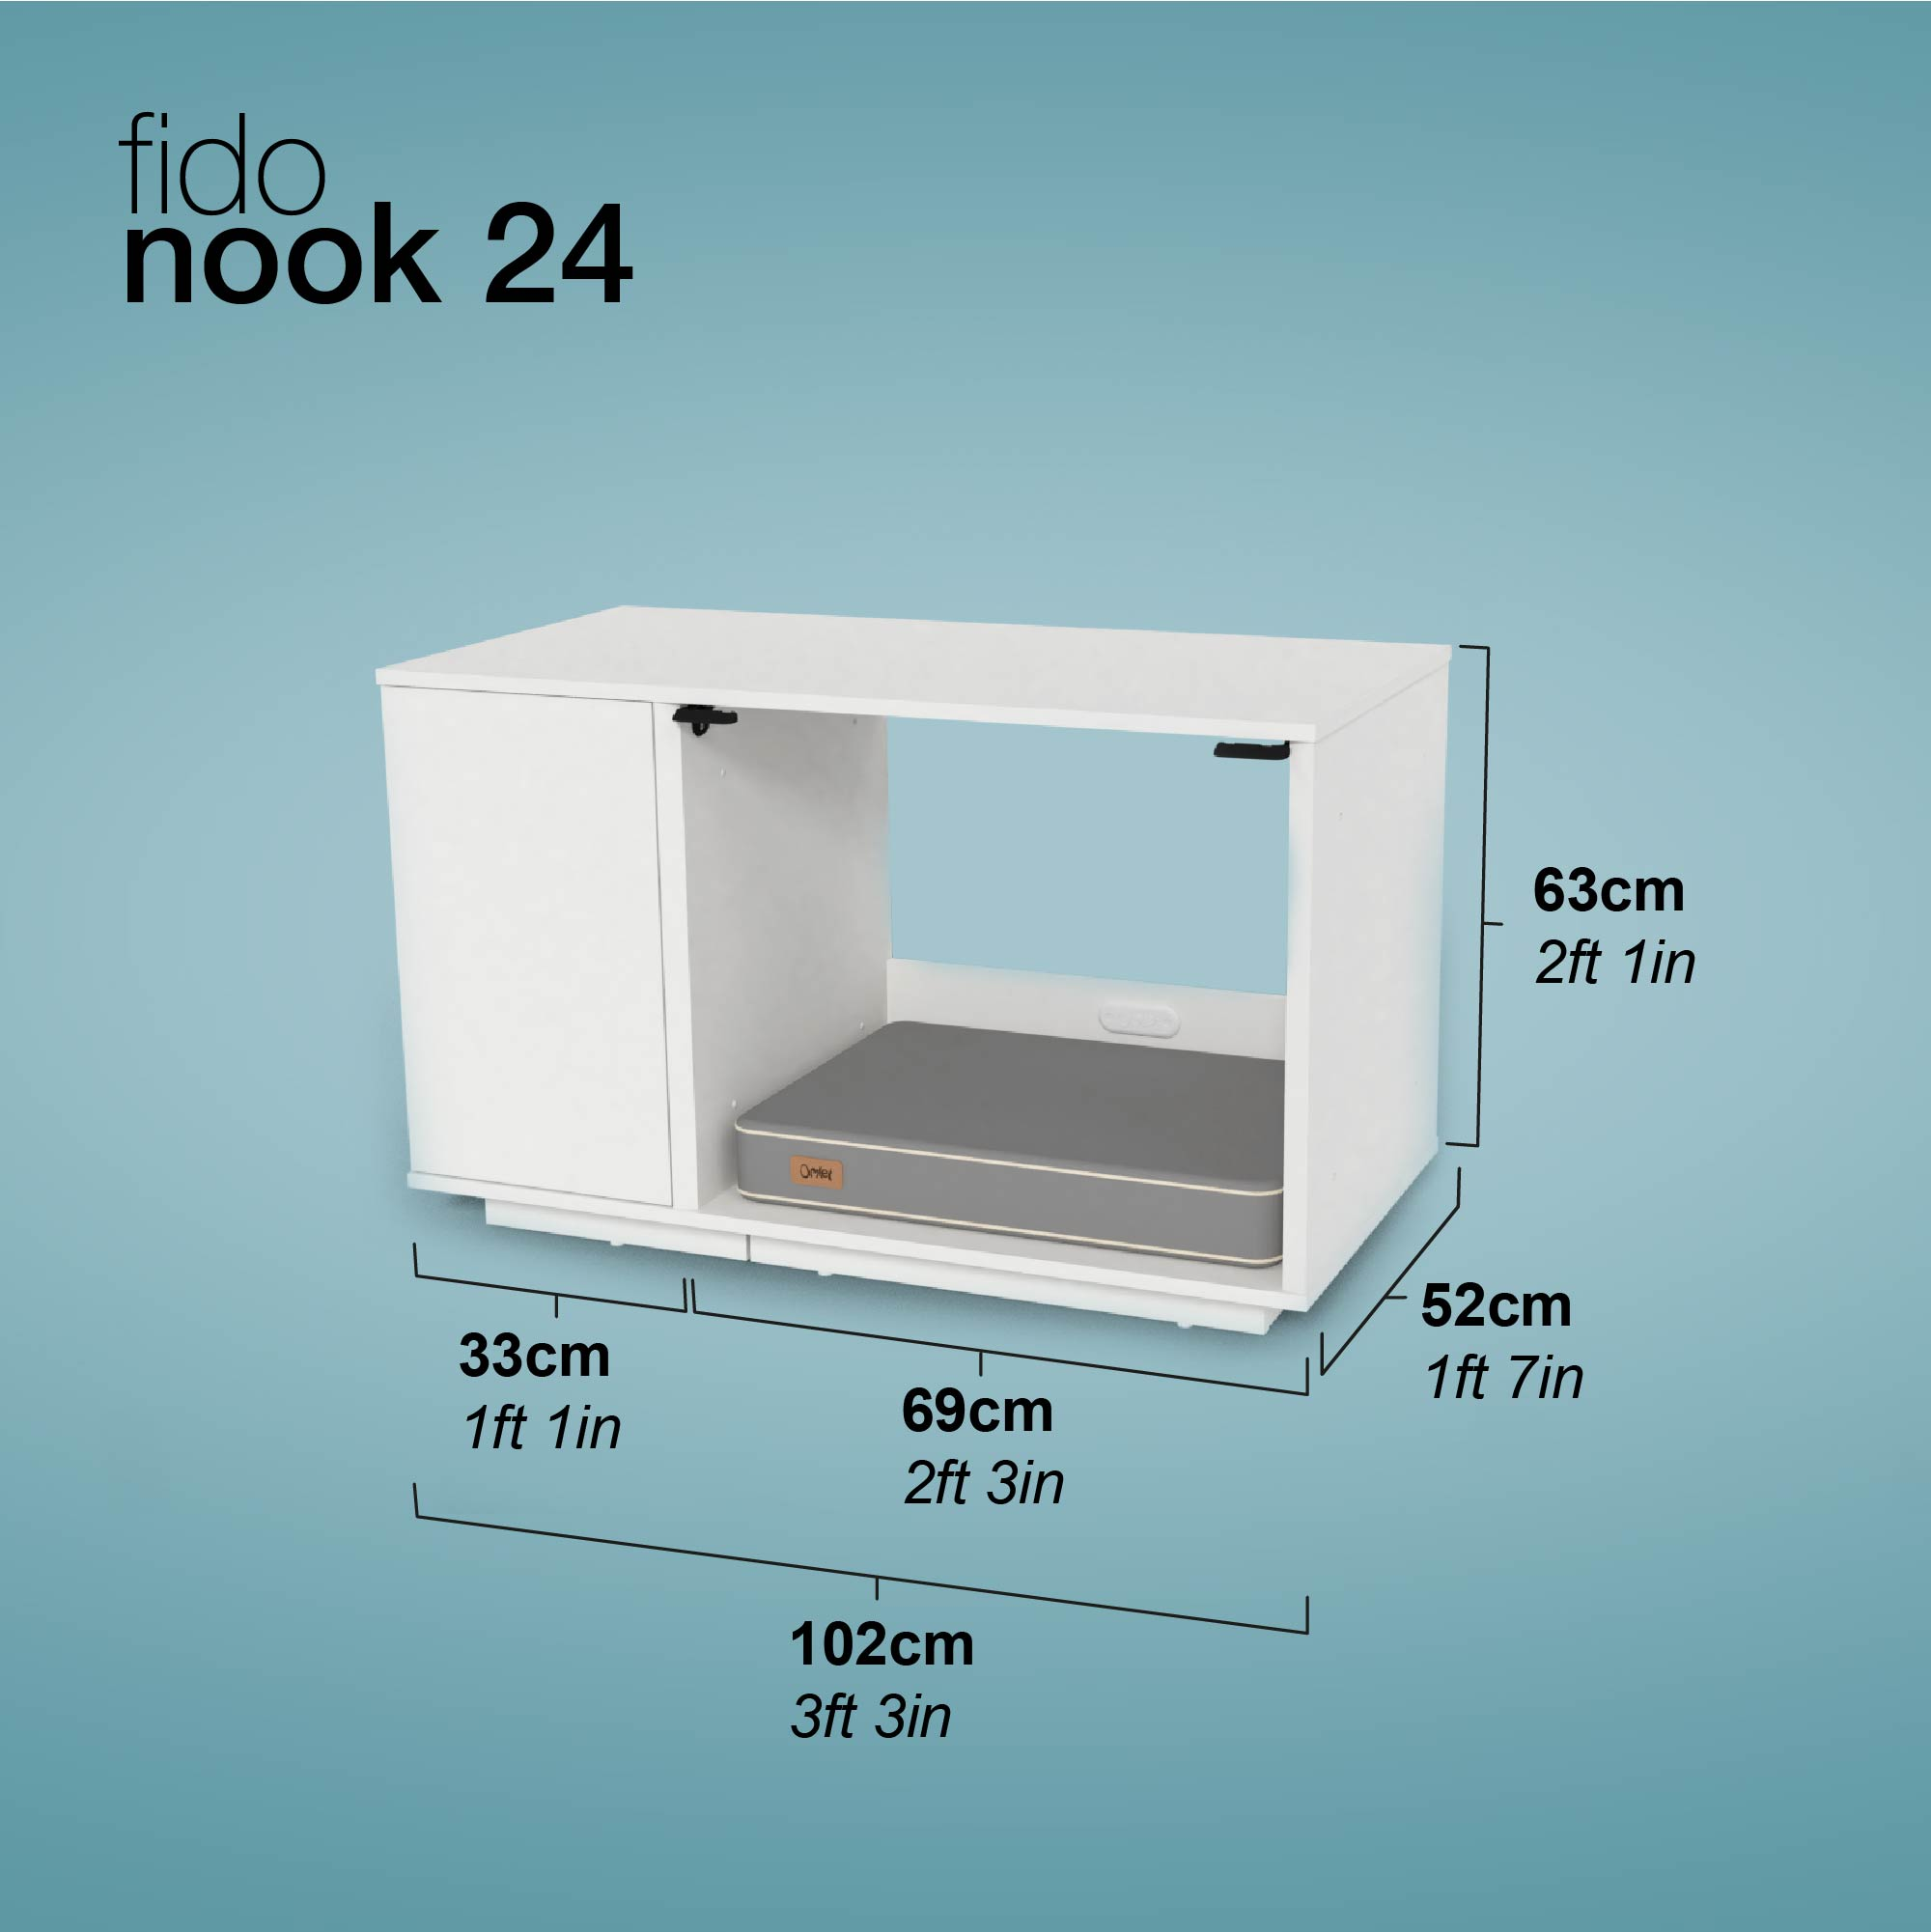 niche-Fido-Nook-24-Dimensions